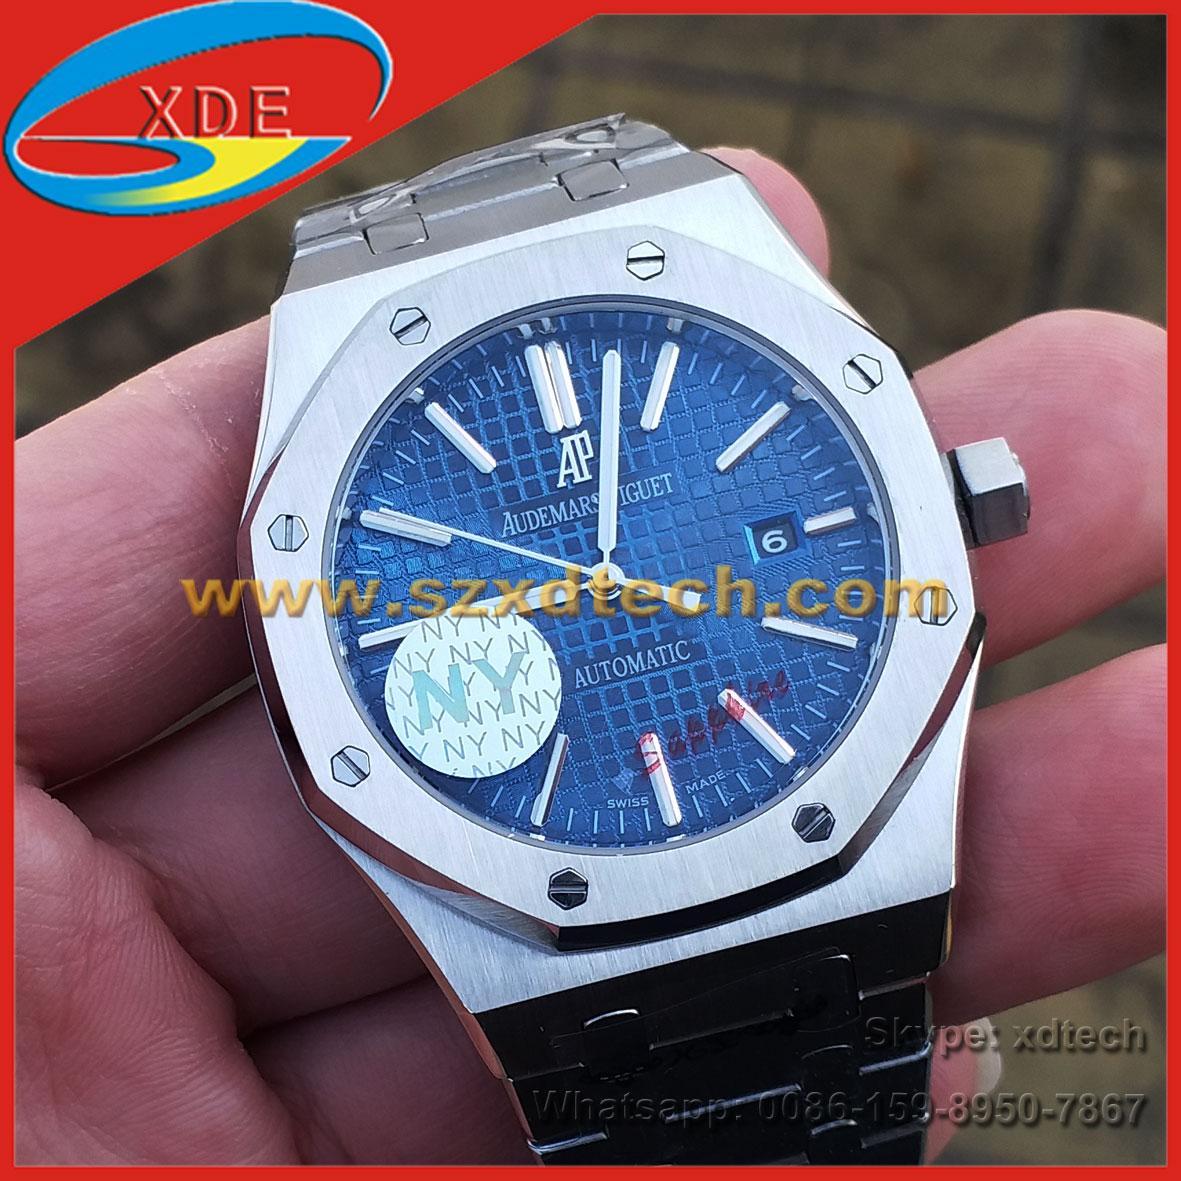 Replica Audemars Piguet Royal Oak Collection Cool Business Watch AP Watches